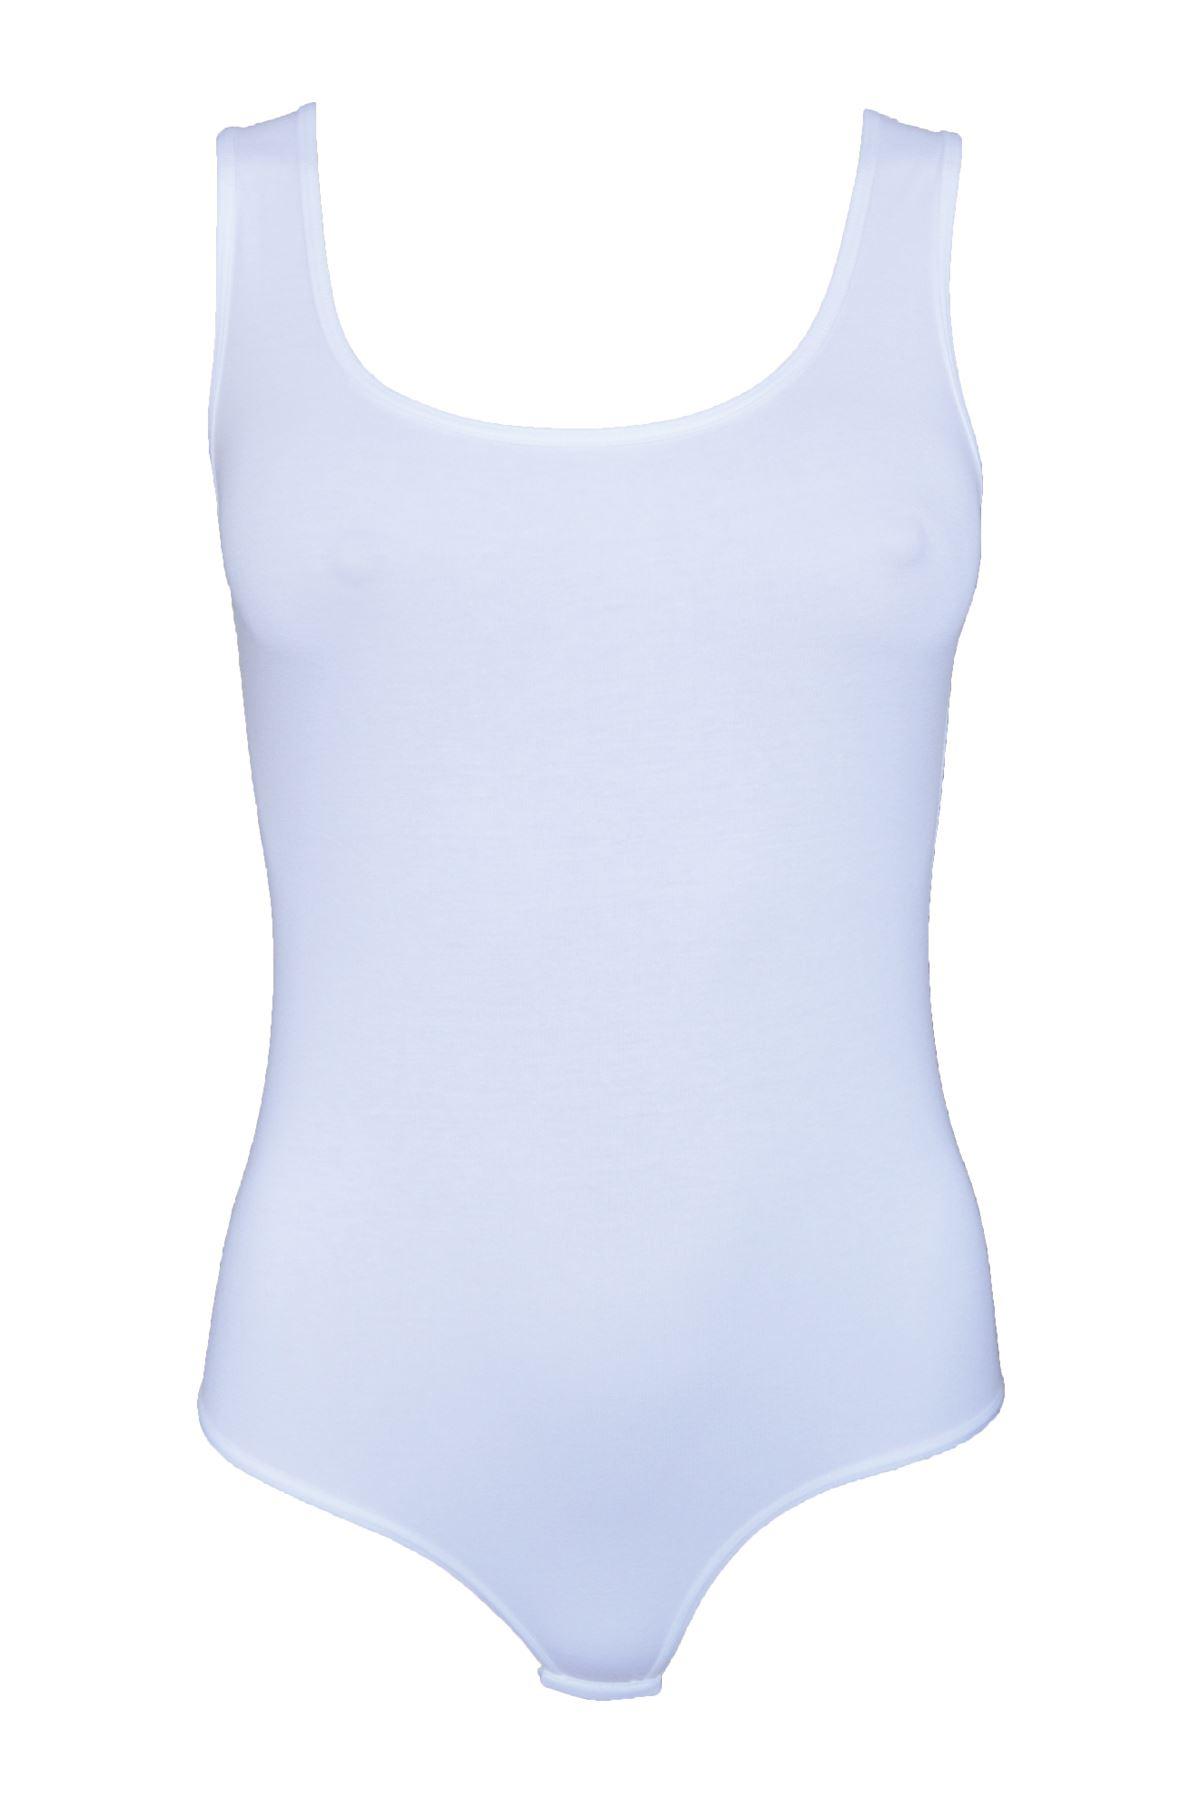 Beyaz Kadın Çıtçıtlı Kalın Askılı Cotton Atlet 115